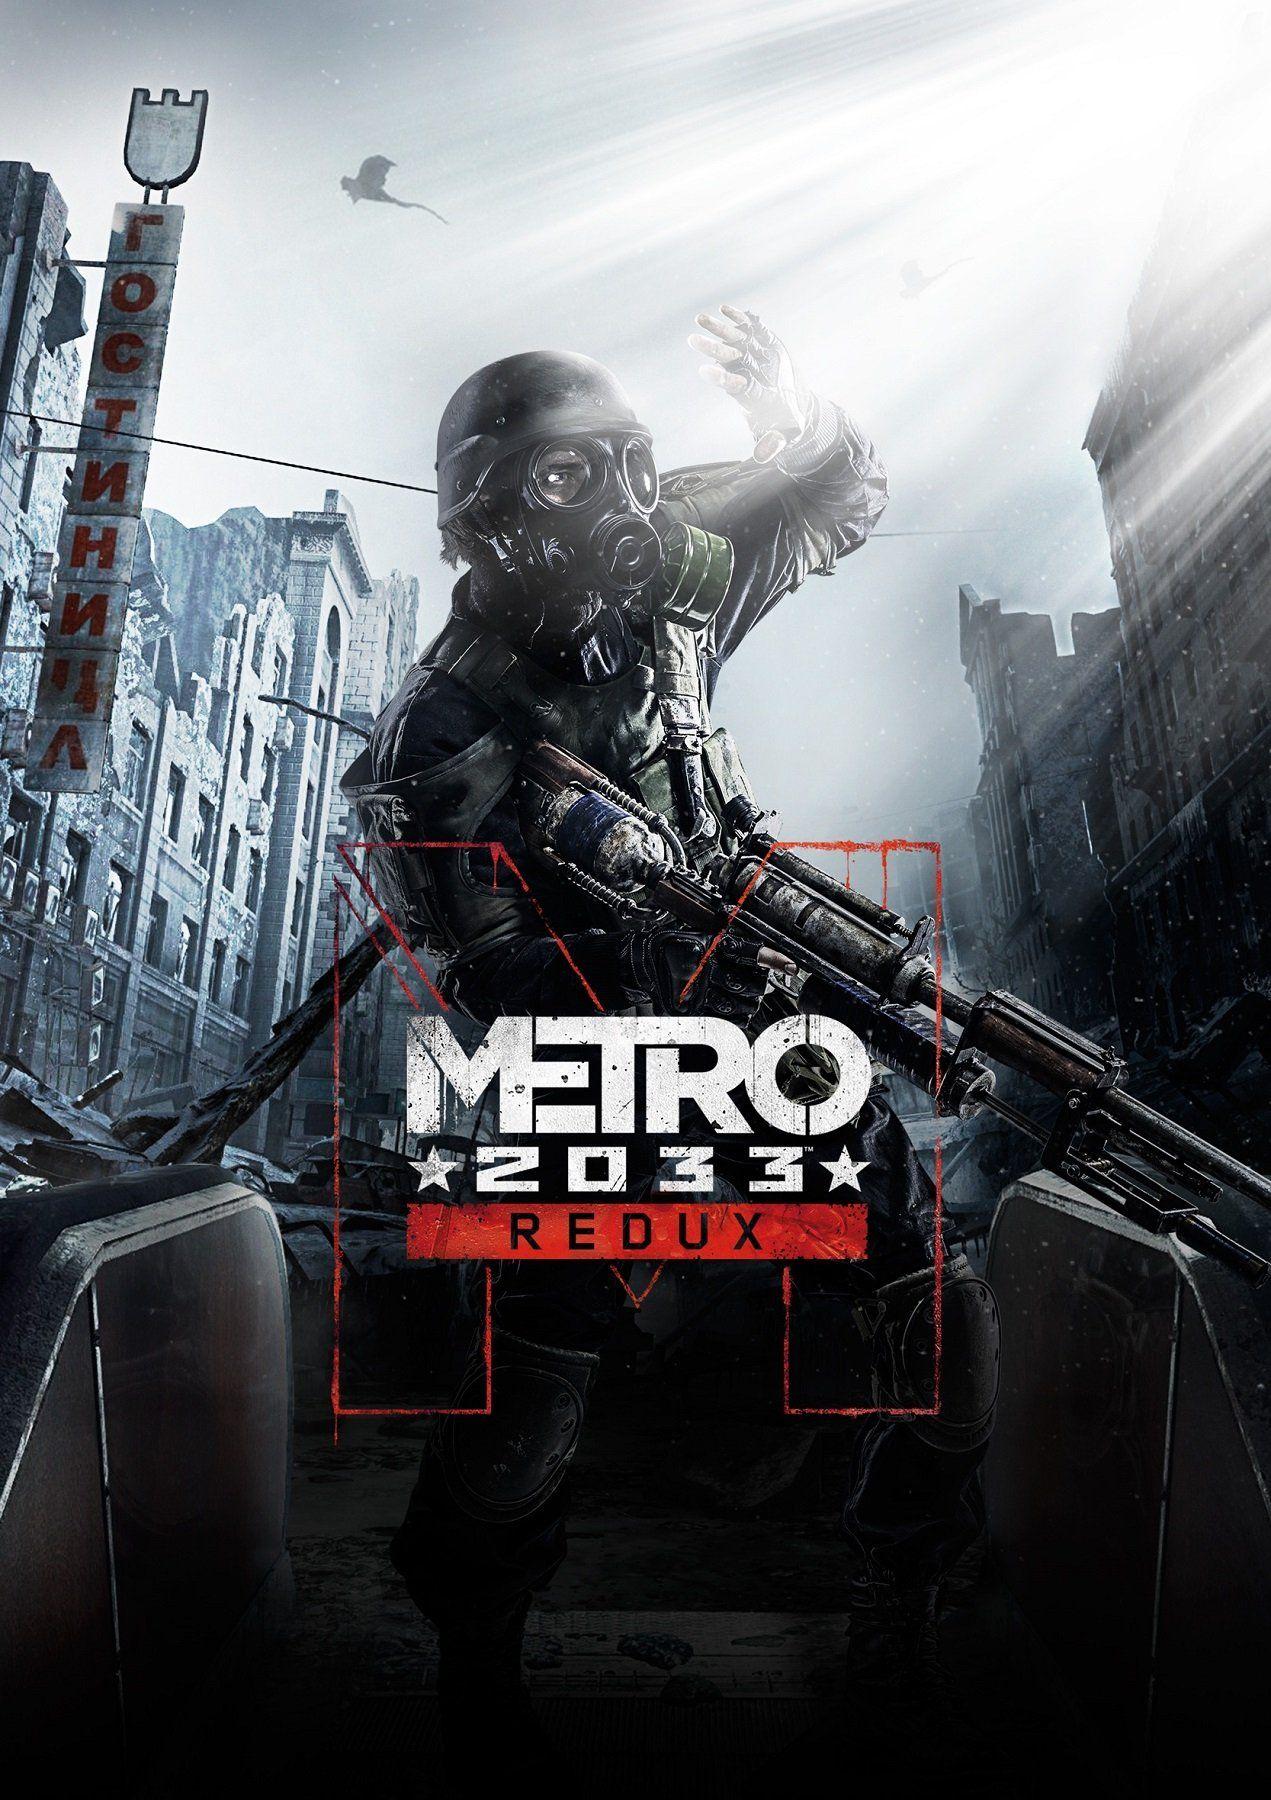 Metro 2033 Poster | Игры, Кот, Аудиокниги